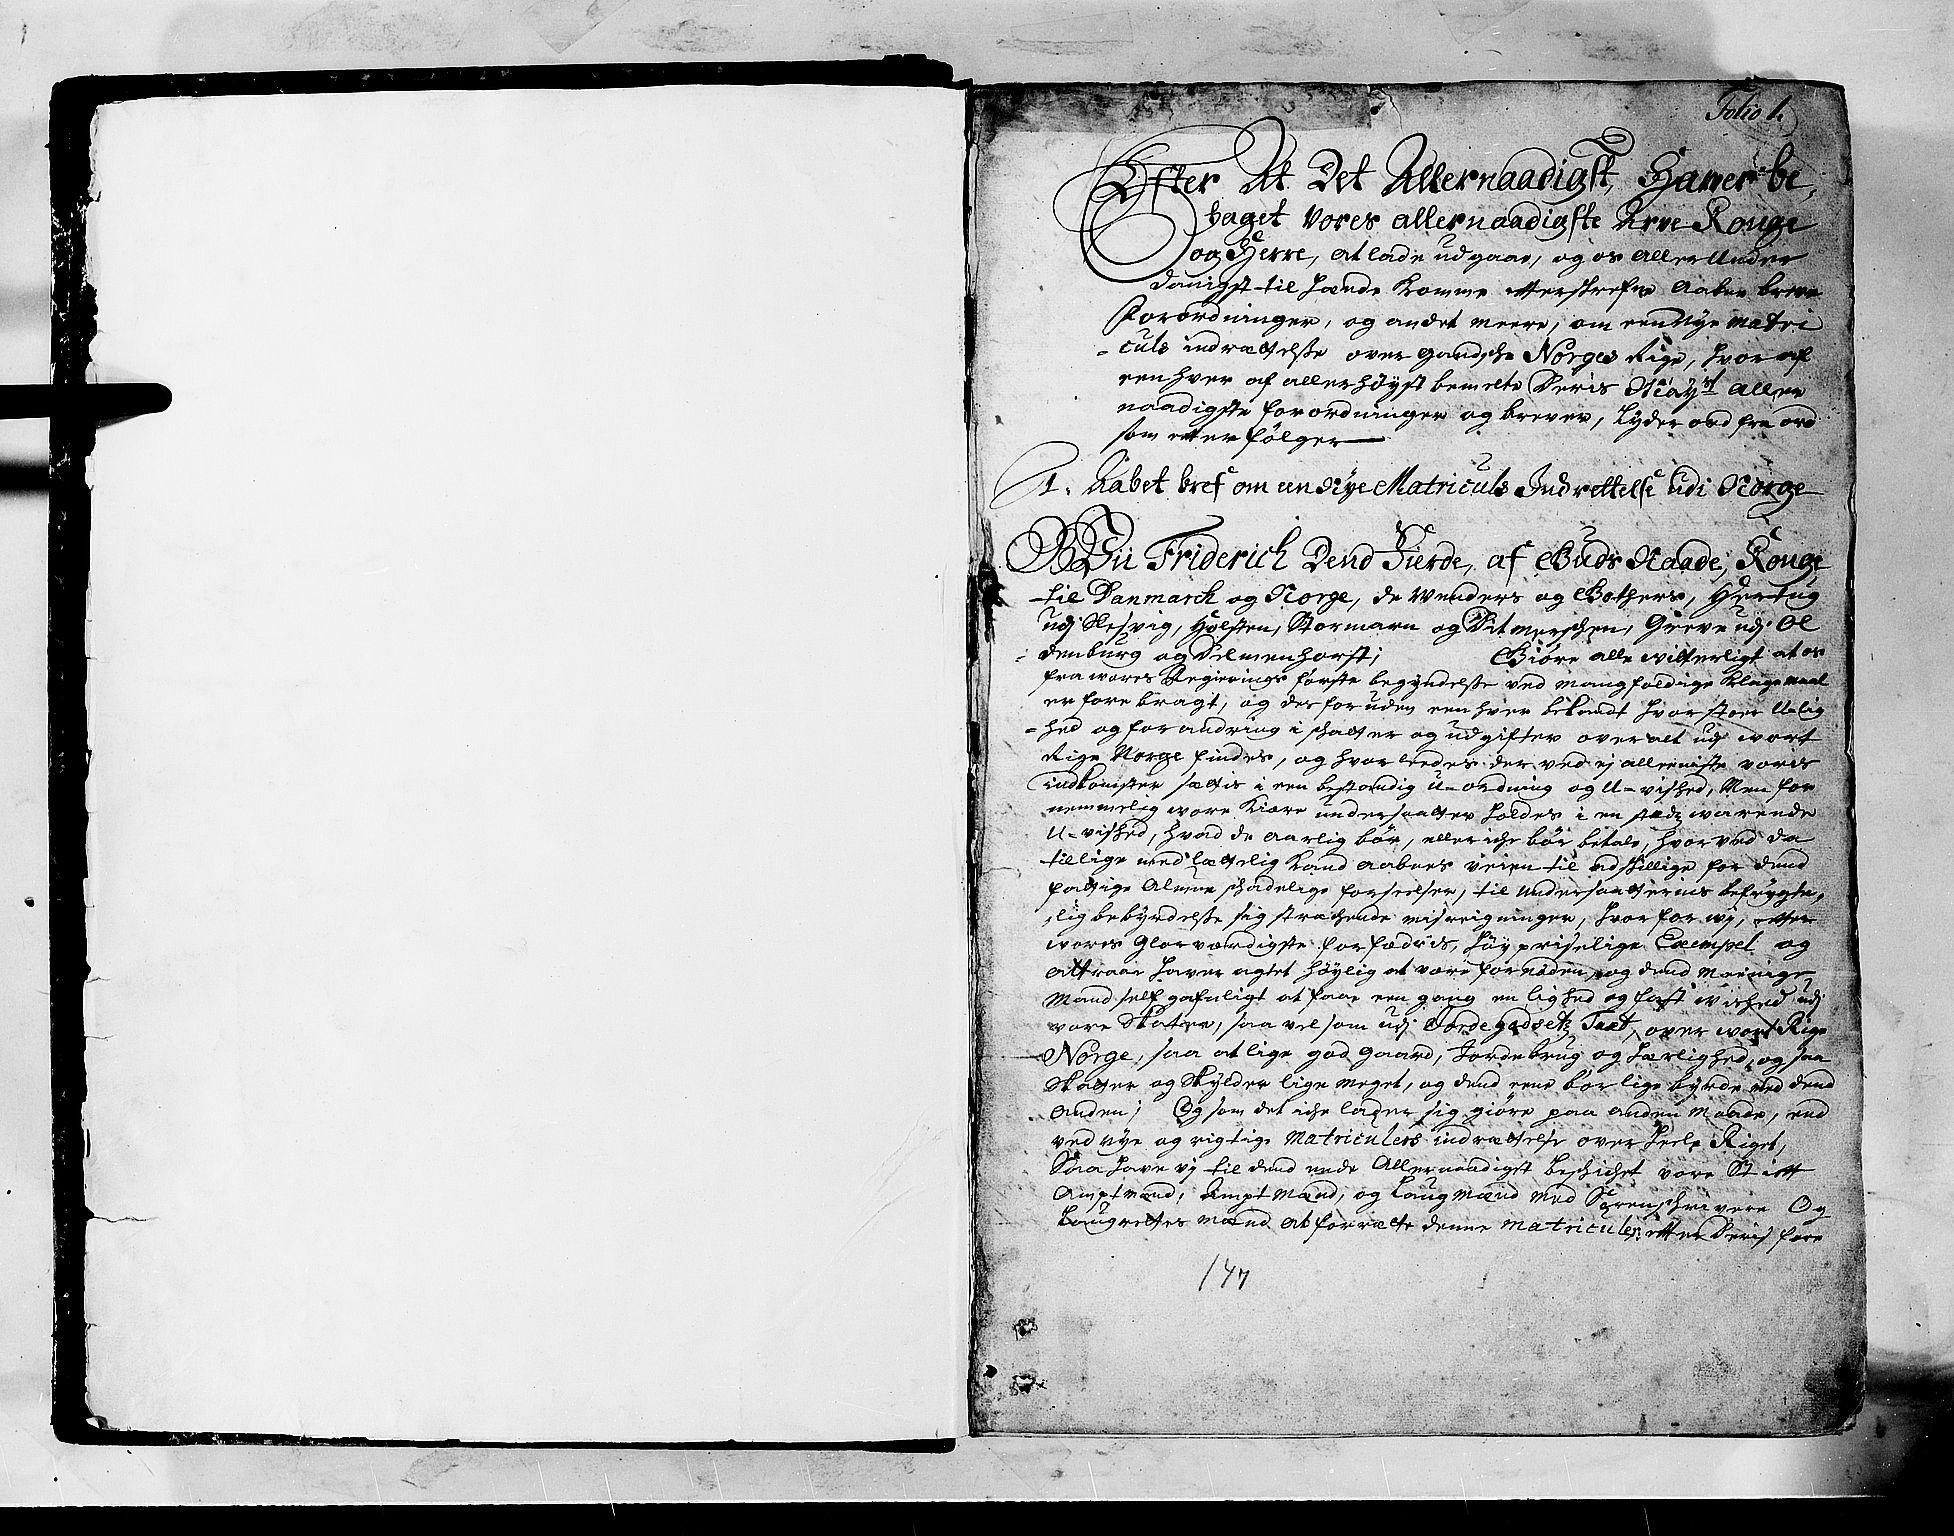 RA, Rentekammeret inntil 1814, Realistisk ordnet avdeling, N/Nb/Nbf/L0147: Sunnfjord og Nordfjord matrikkelprotokoll, 1723, s. 1a